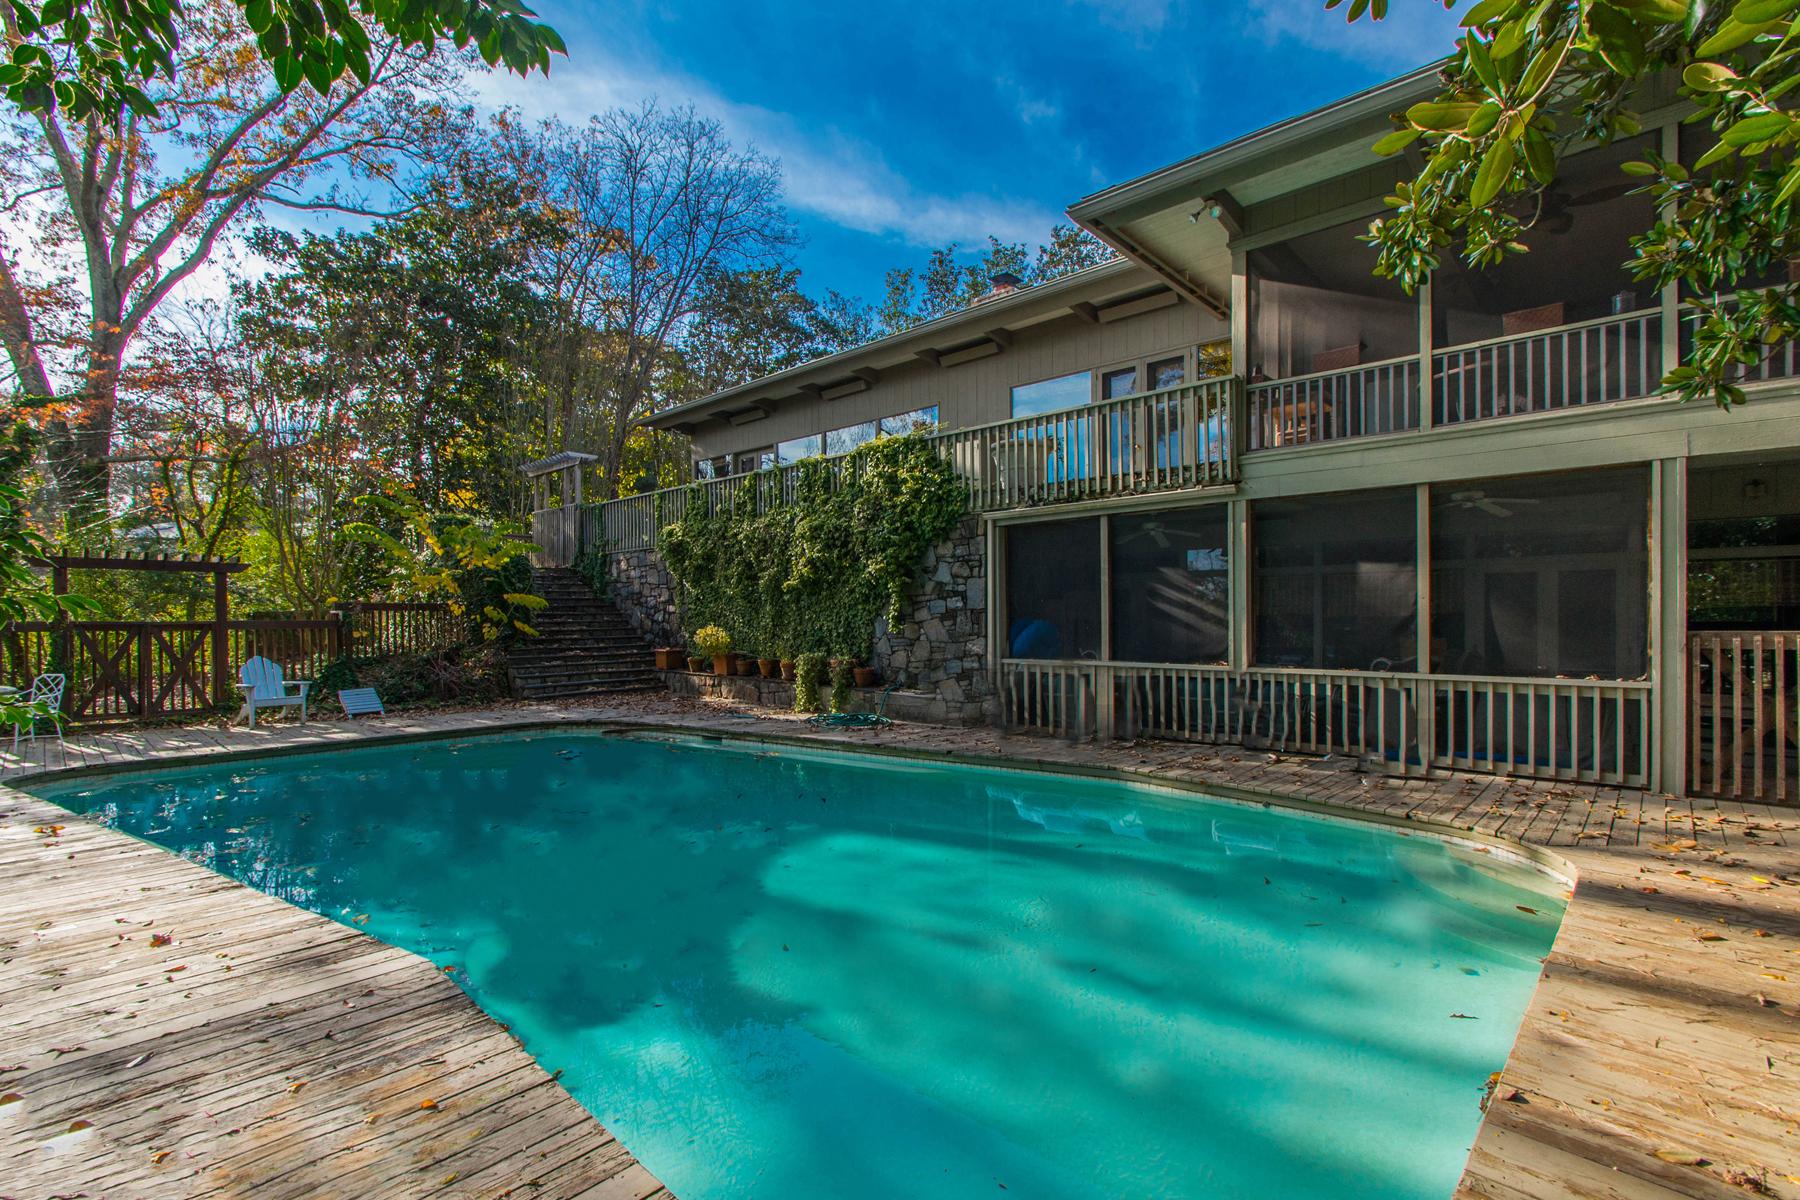 獨棟家庭住宅 為 出售 在 2.6 Acre Lot With Incredible View Of Downtown Atlanta 3980 Randall Mill Road NW Atlanta, 喬治亞州, 30327 美國